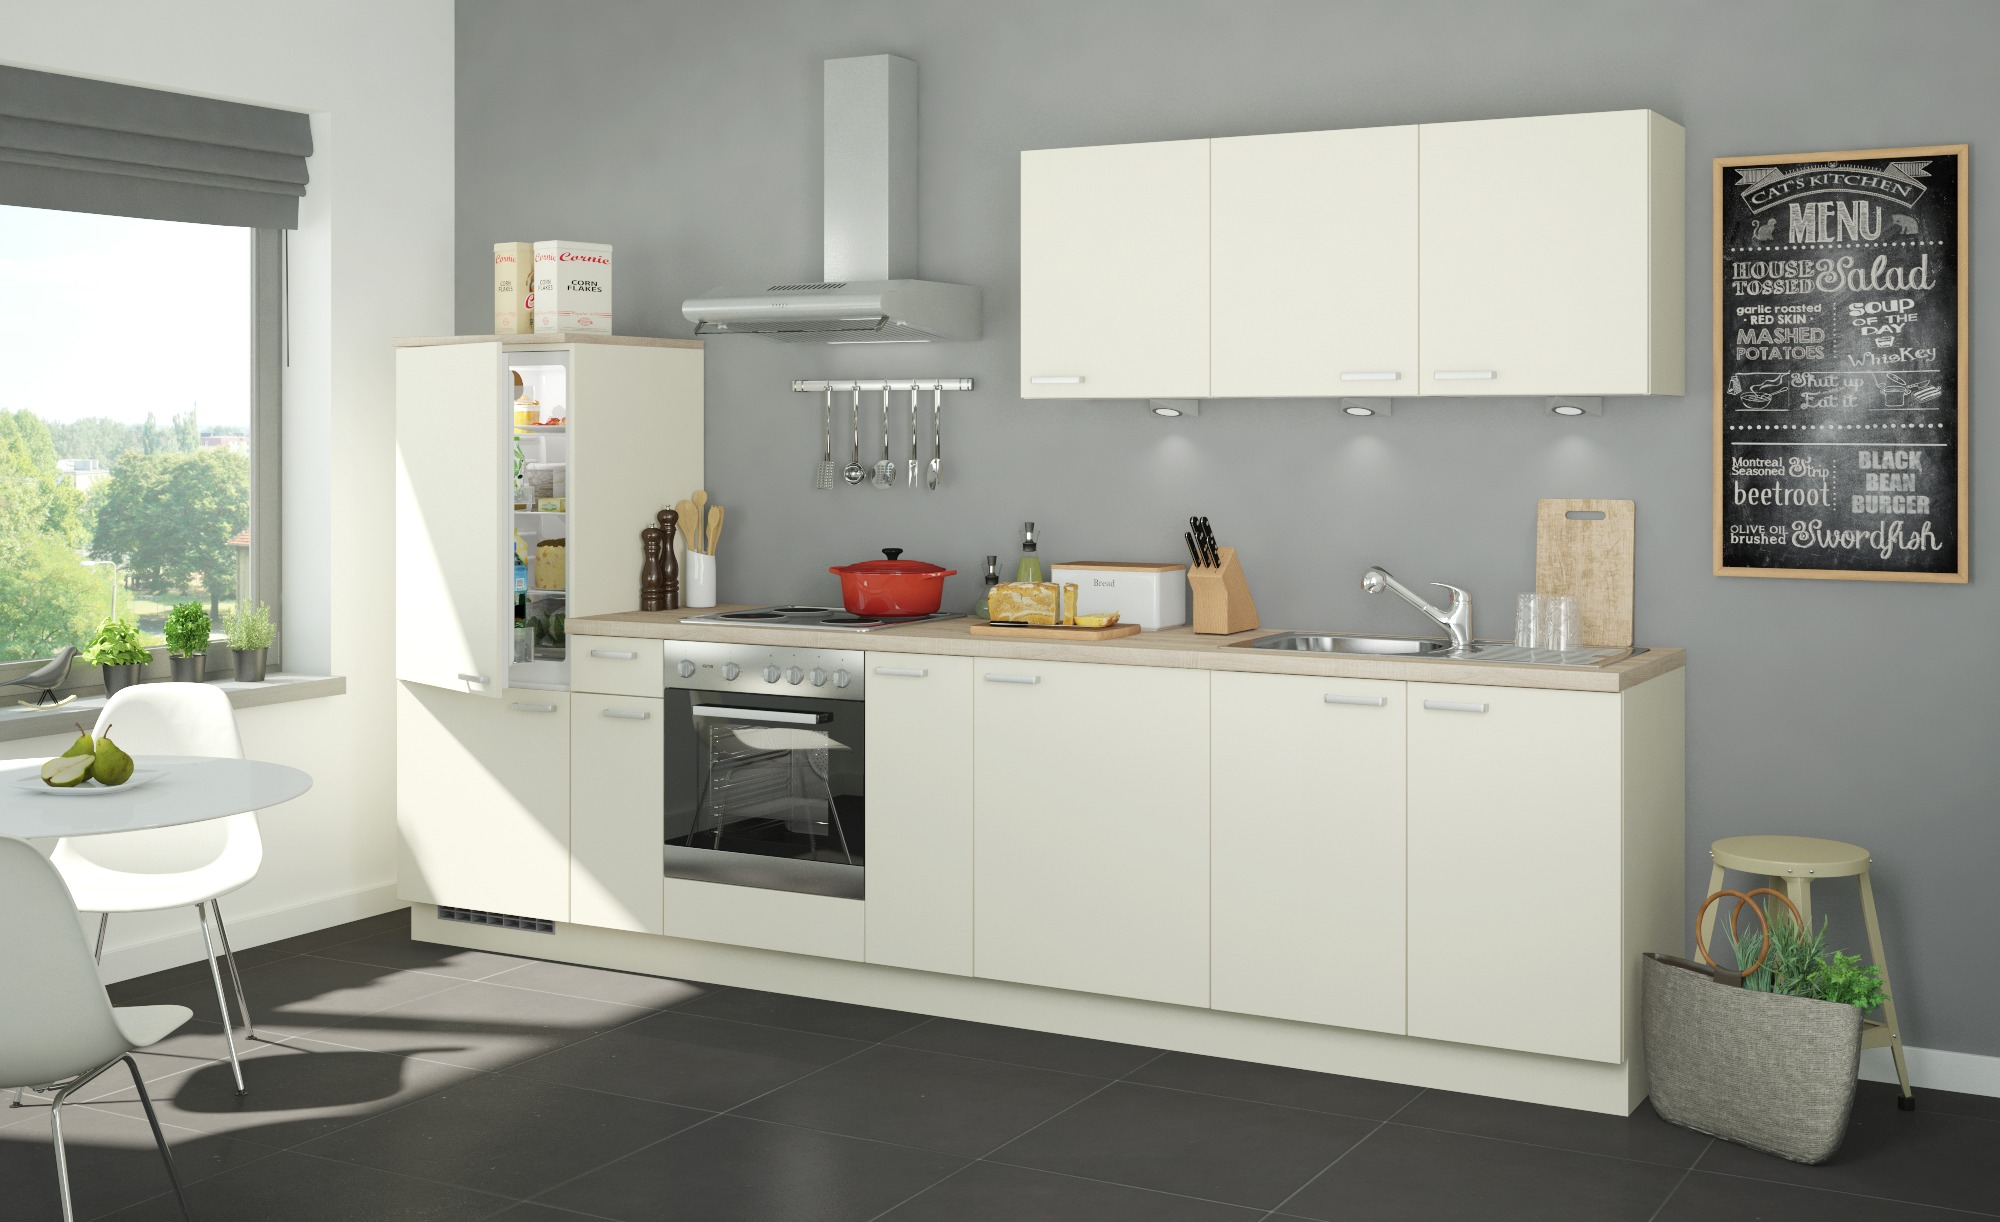 Kuchenzeile Mit Elektrogeraten Fulda Gefunden Bei Mobel Hoffner Deko Tisch Haus Deko Und Kuchendekoration